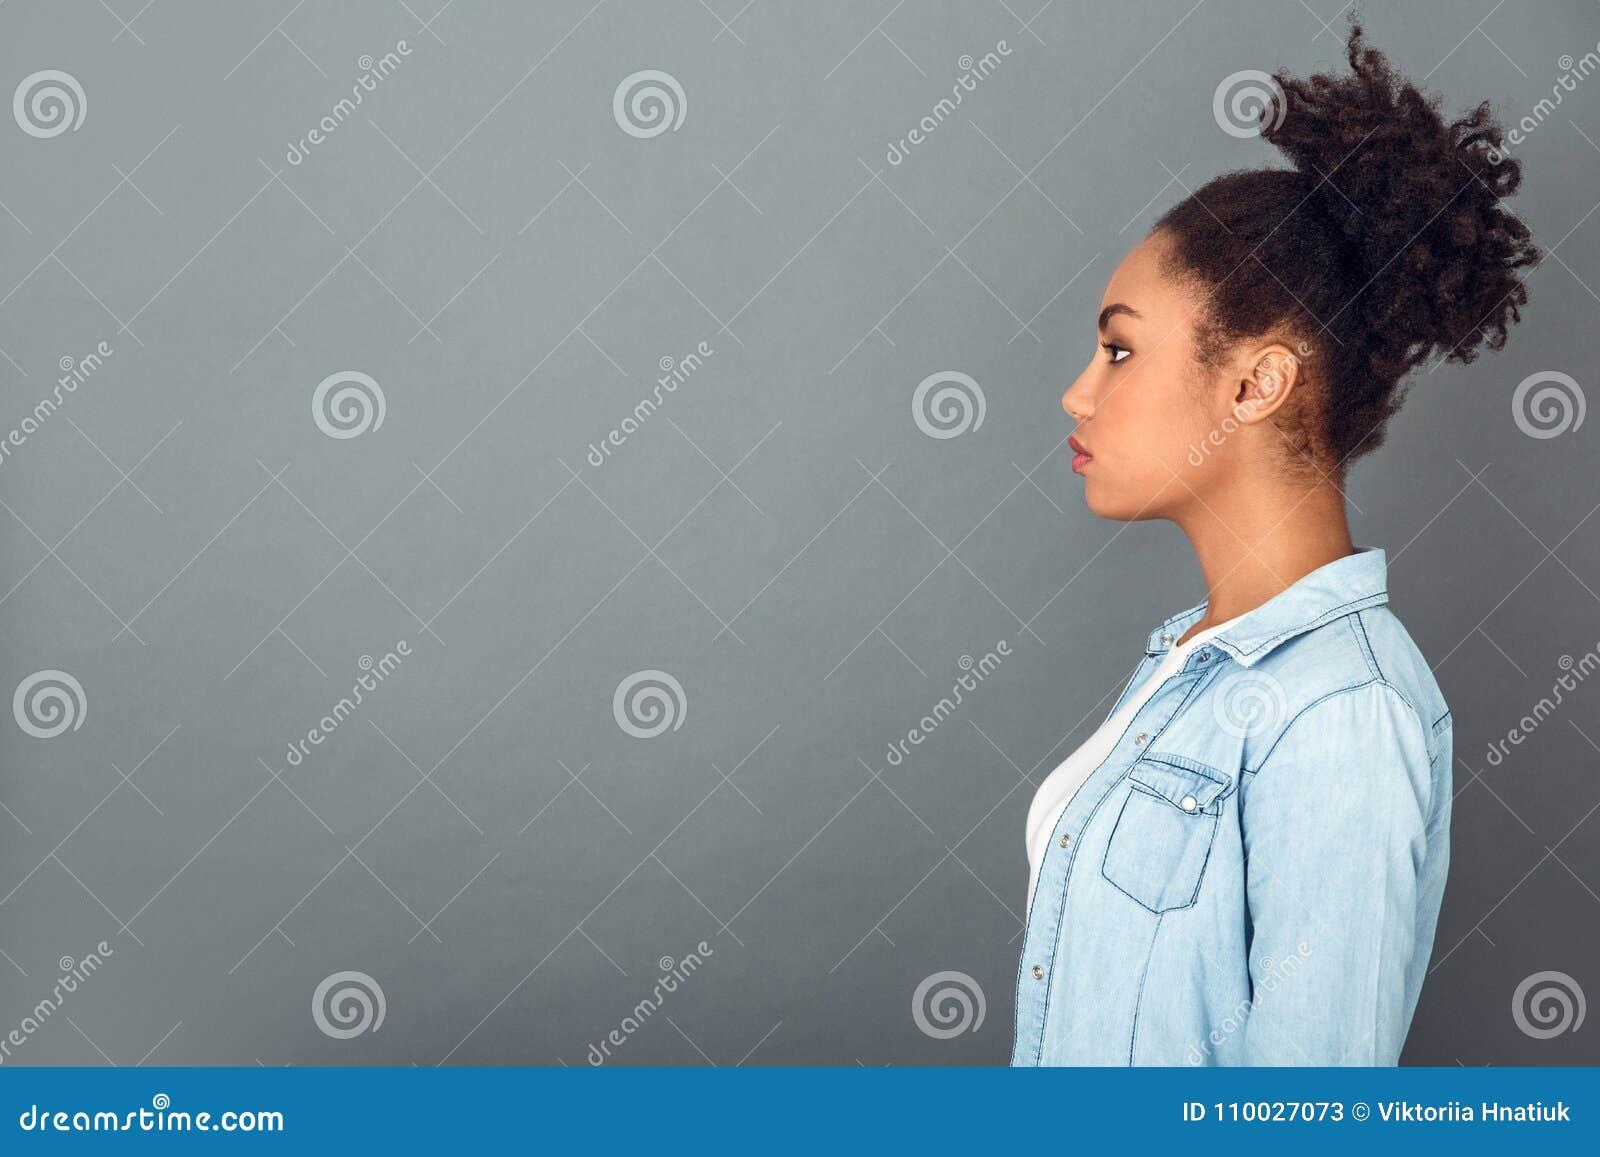 Jonge Afrikaanse die vrouw op grijs toevallig dagelijks de levensstijlprofiel van de muurstudio wordt geïsoleerd